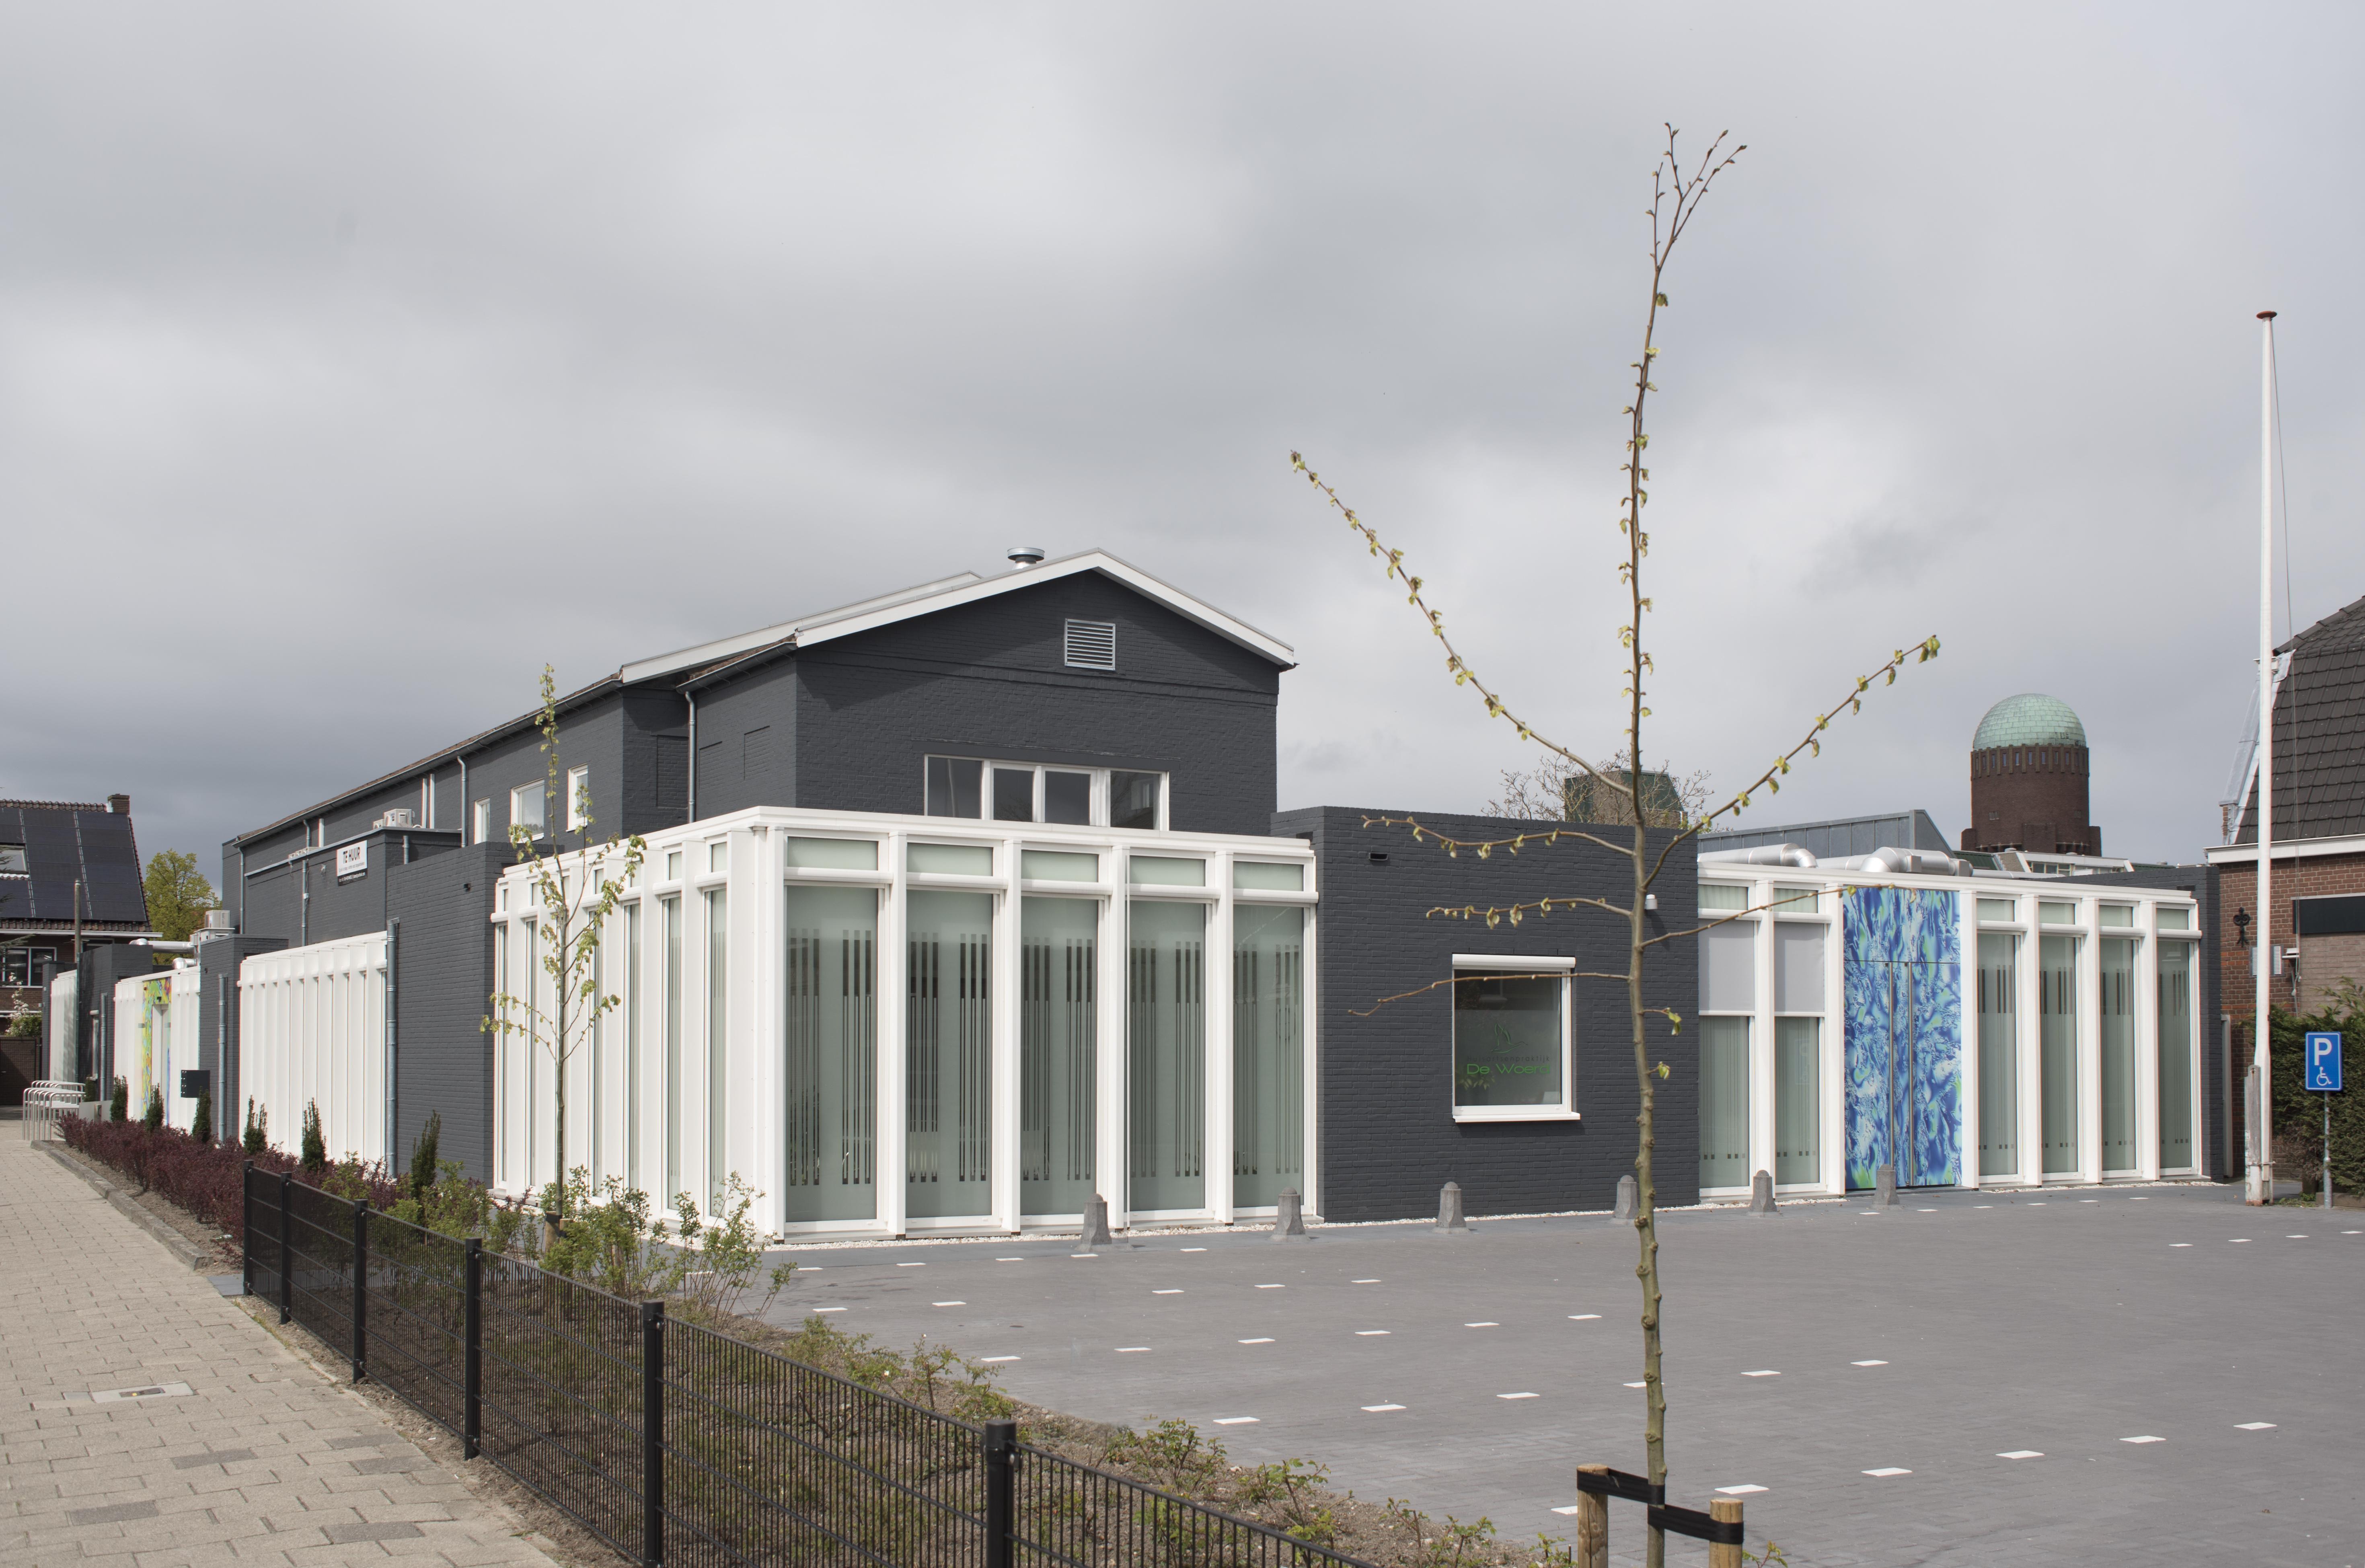 <p>Gezondheidscentrum De Kandelaar aan de Verdilaan te Naaldwijk – HET architectenbureau</p>